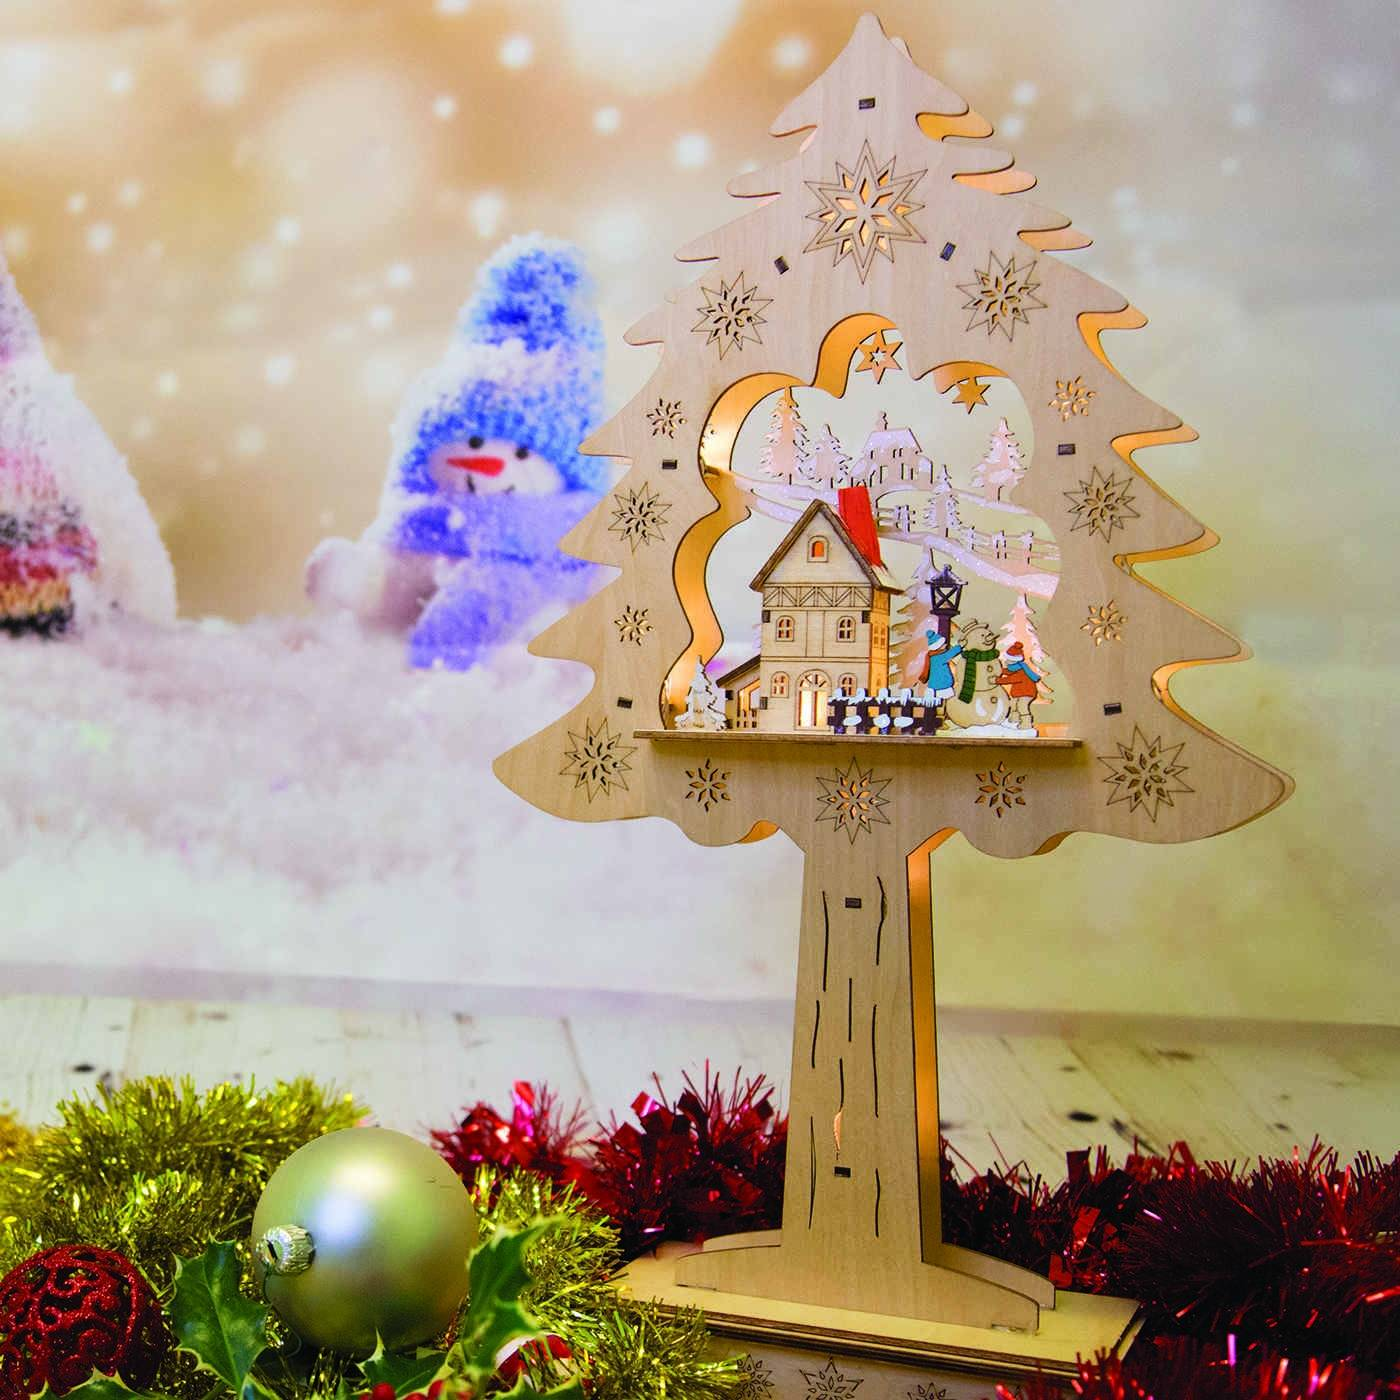 Luci Da Esterno Albero tridimensionale con casetta con luci a LED, legno bianco, 48 x 27 x 9 cm